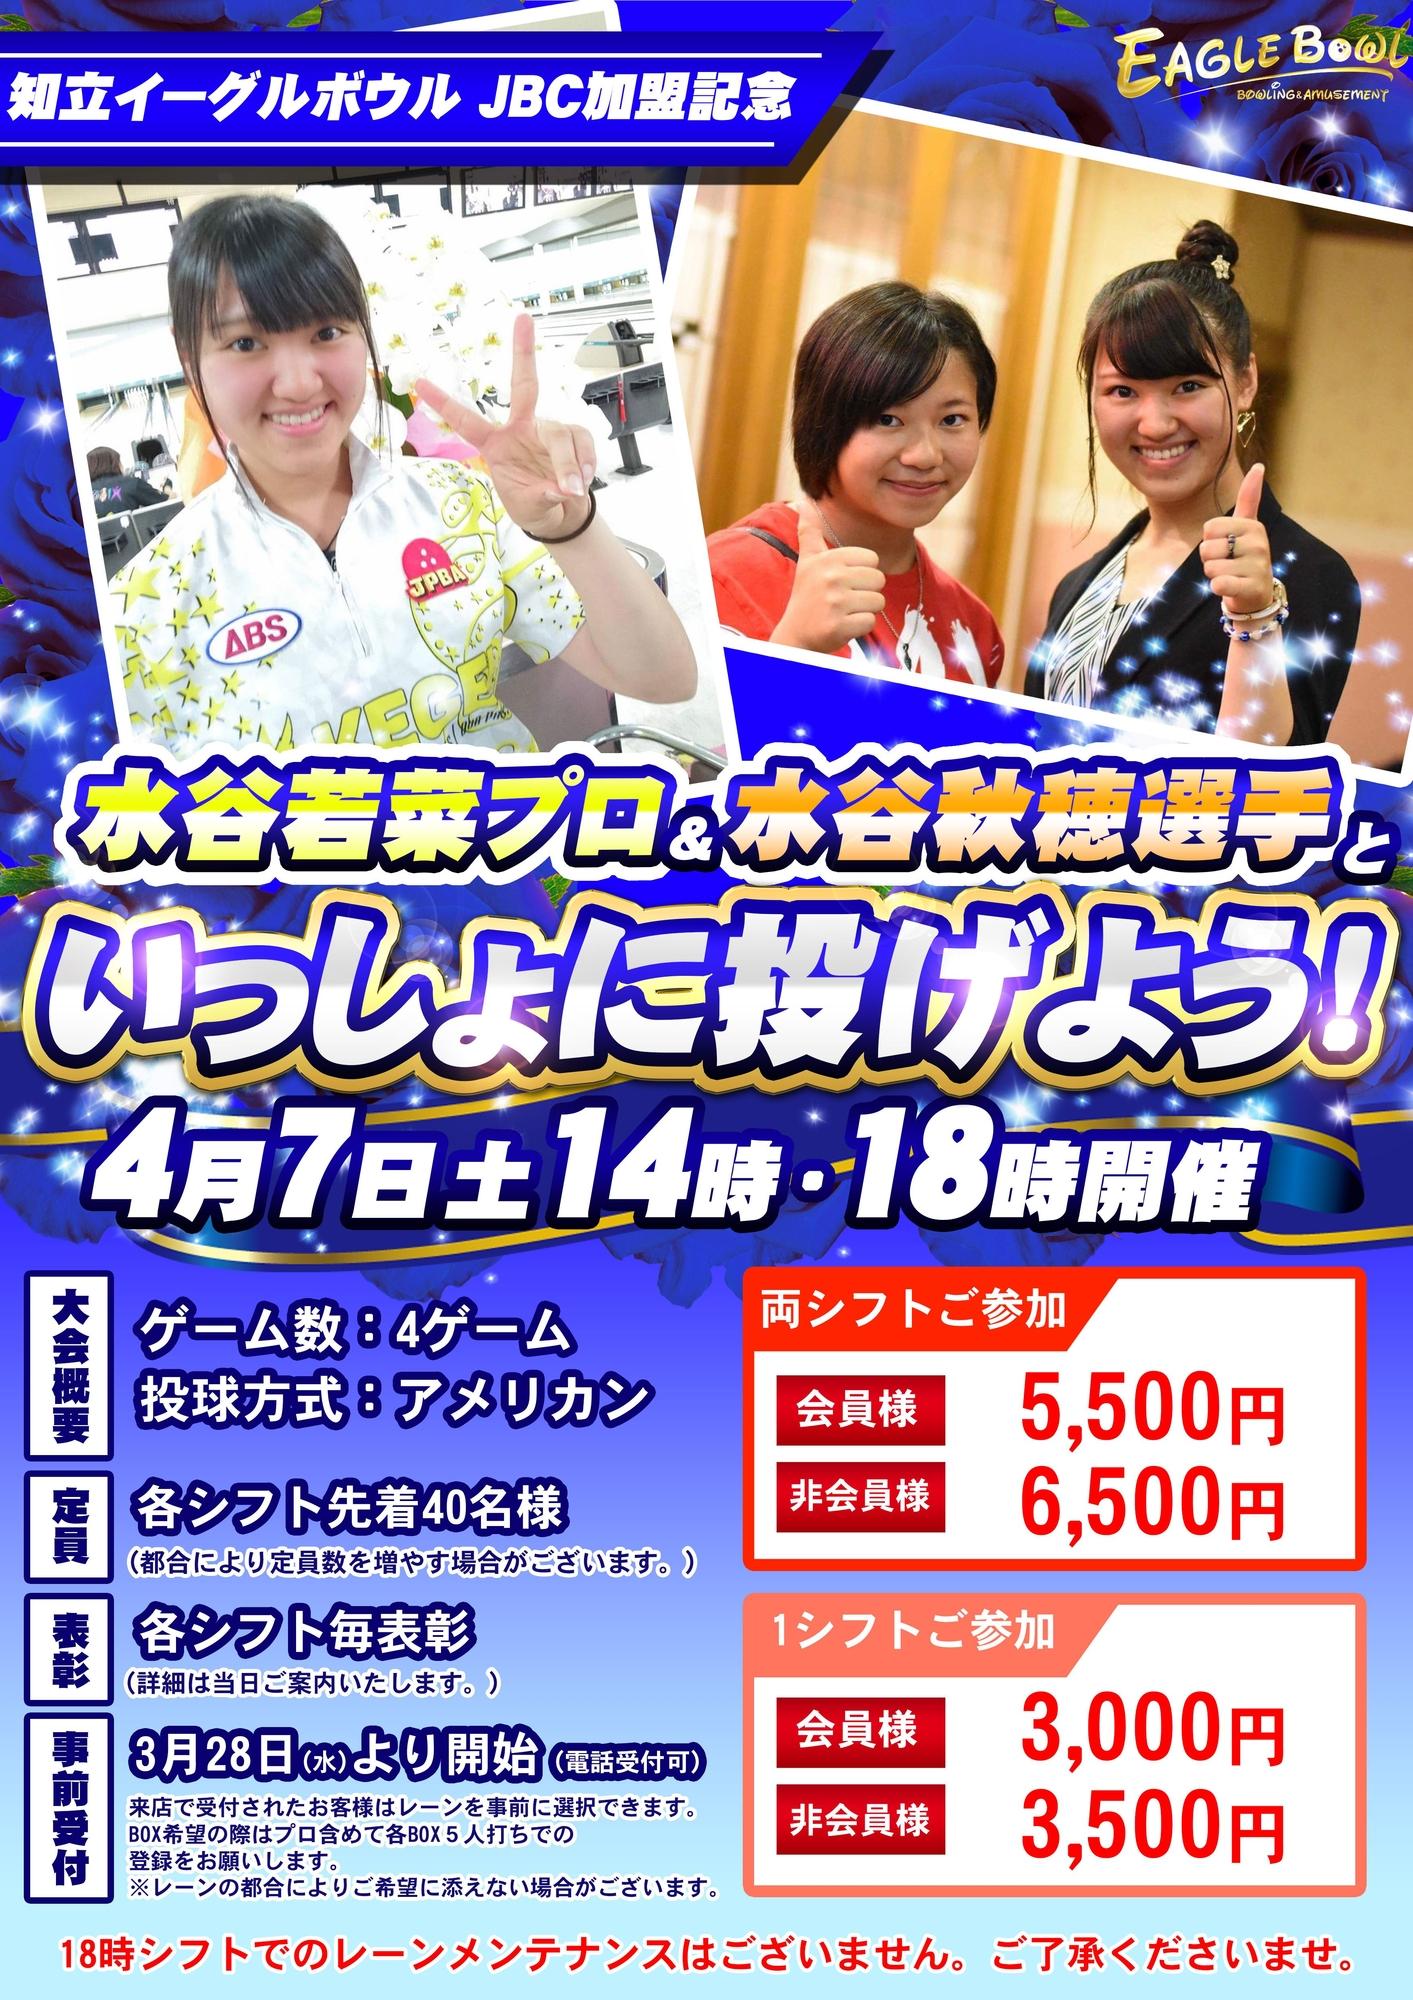 4/7 水谷若菜プロ&水谷秋穂選手といっしょに投げよう!